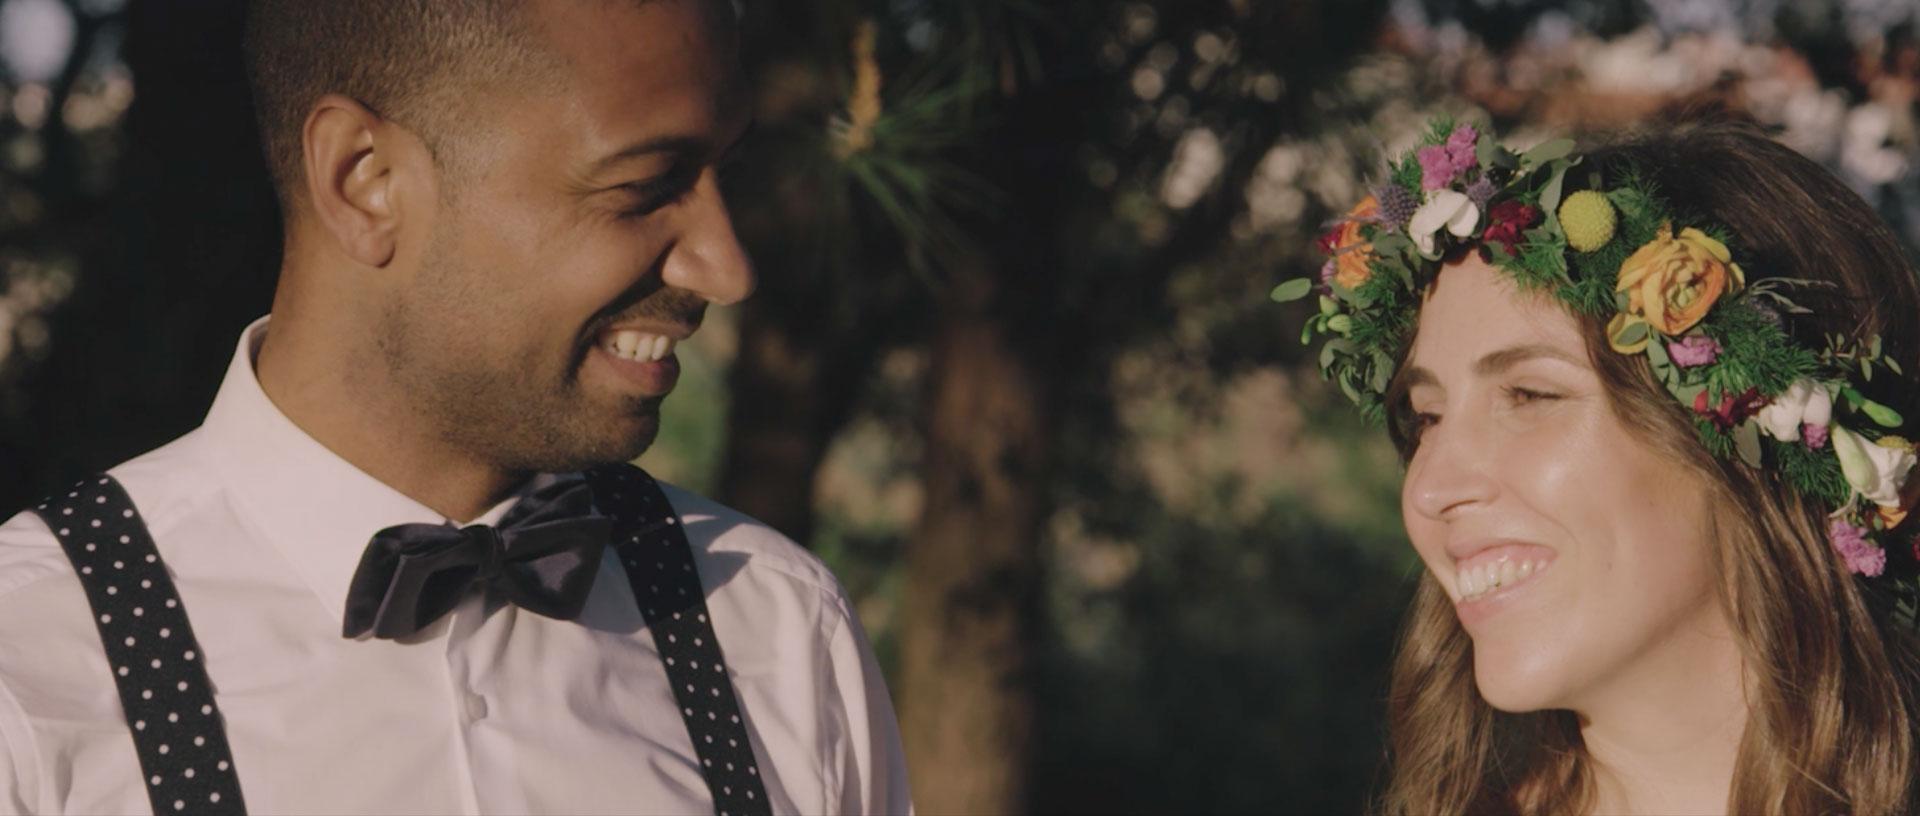 Carina & Nando - Wedding